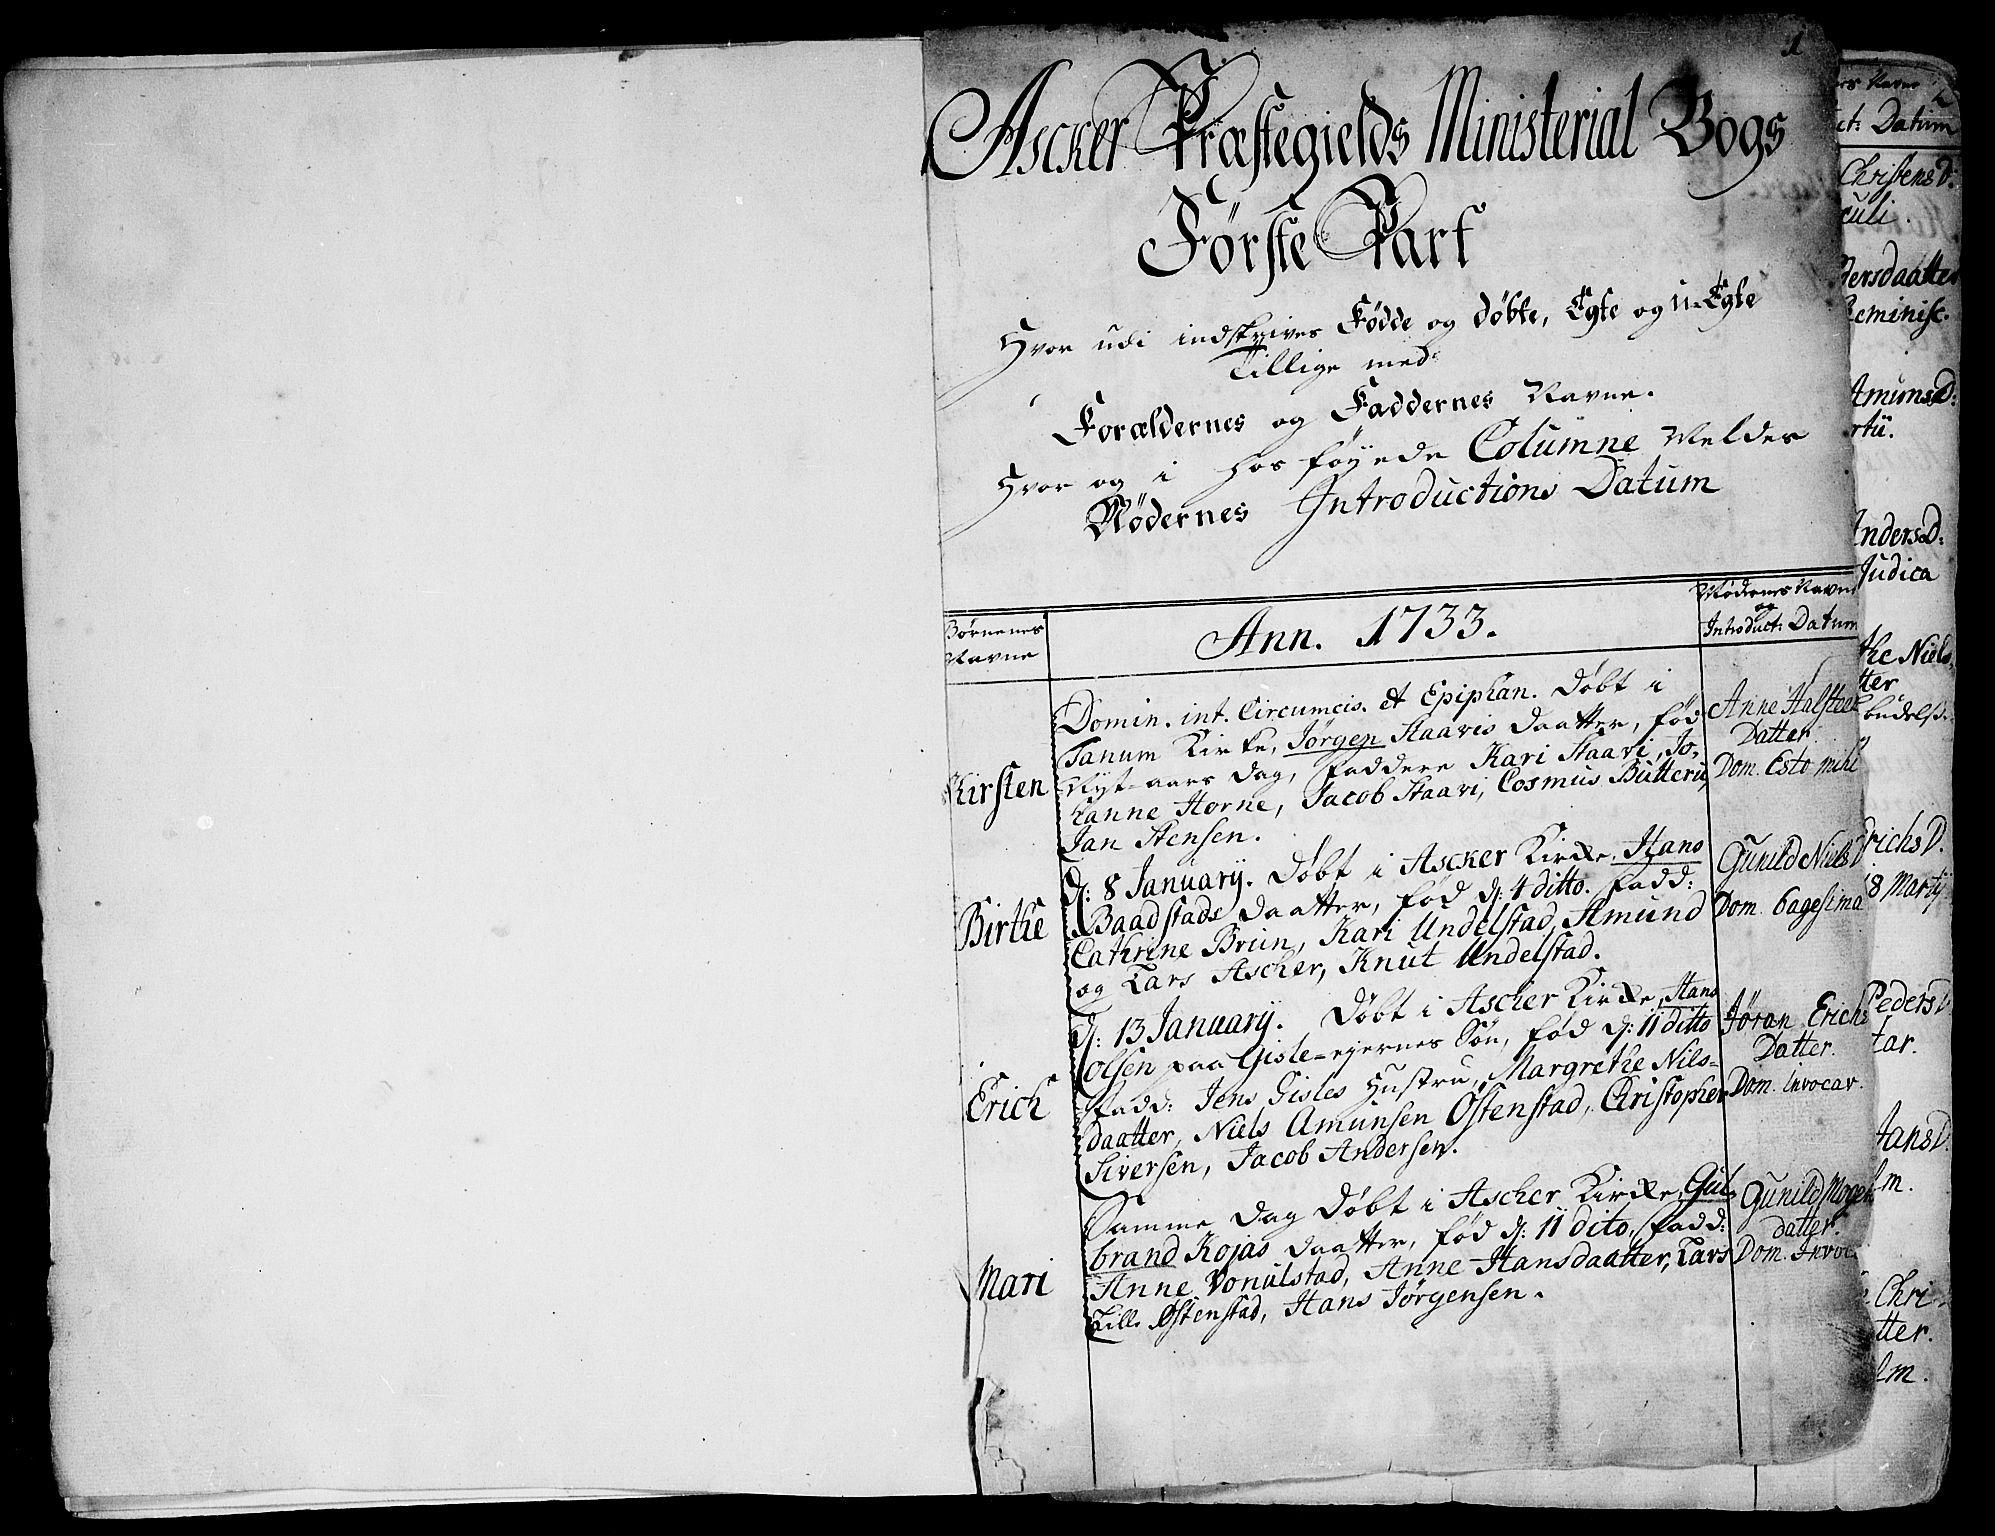 SAO, Asker prestekontor Kirkebøker, F/Fa/L0002: Ministerialbok nr. I 2, 1733-1766, s. 1